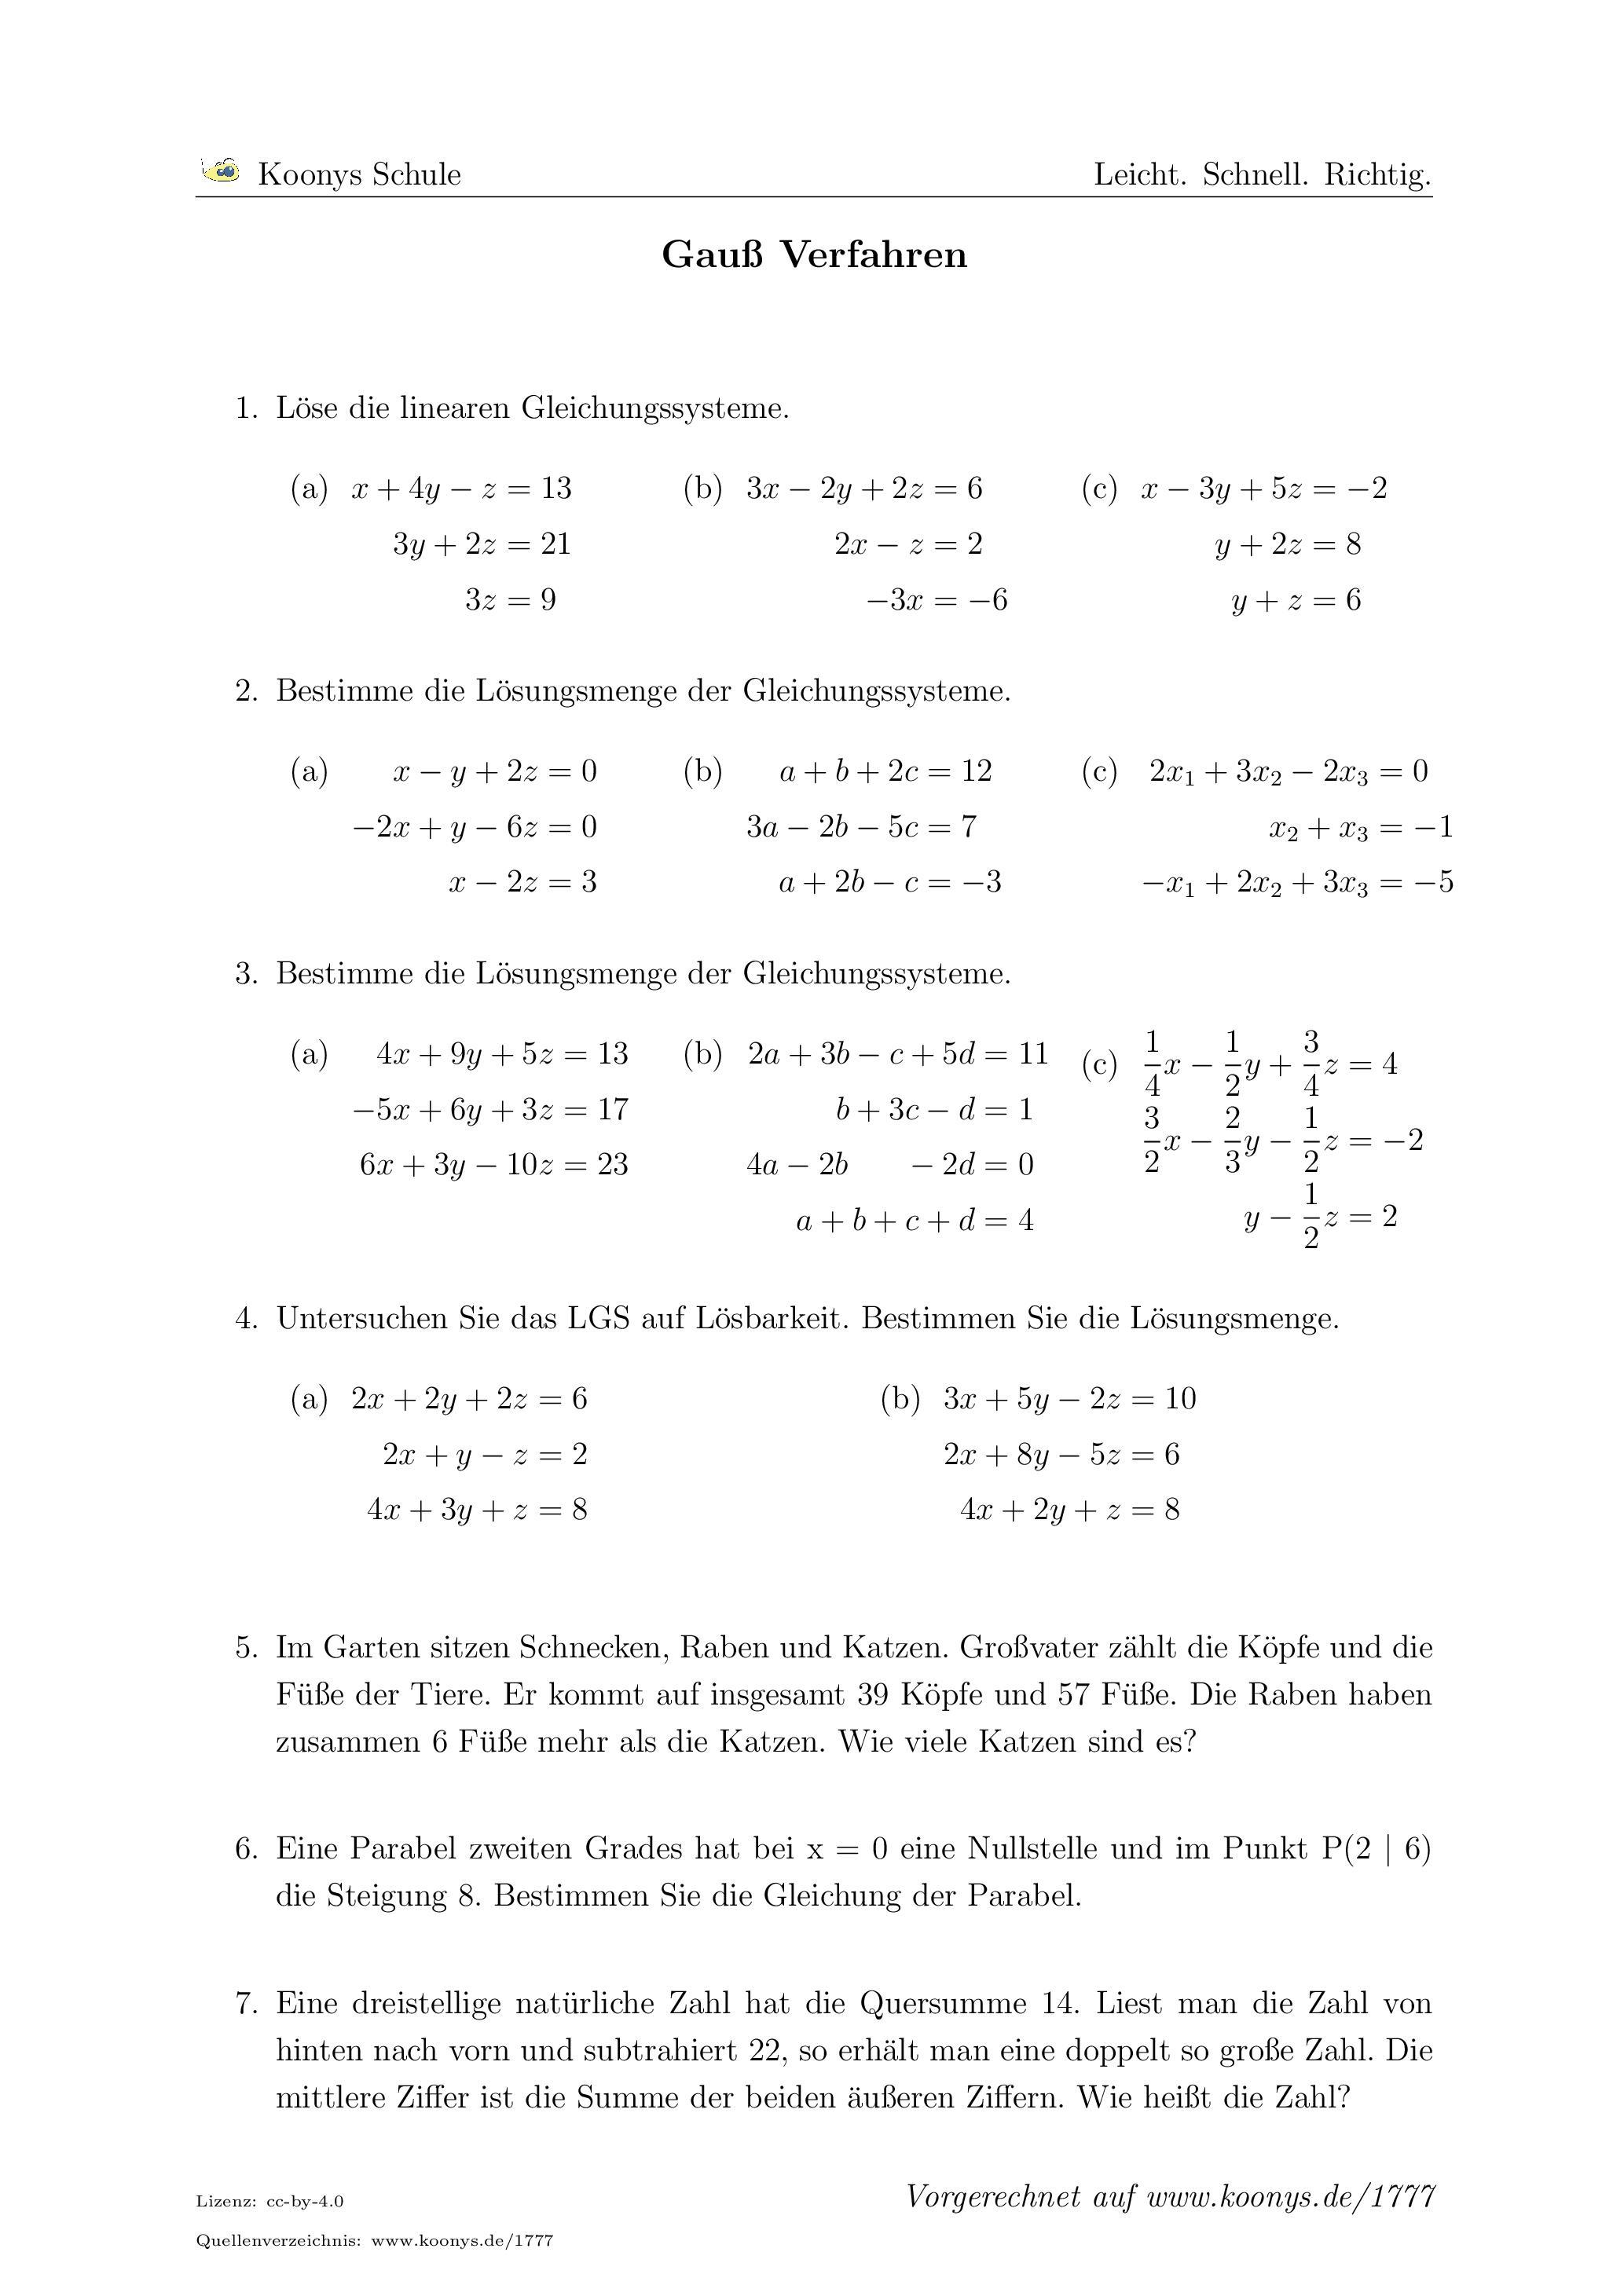 Aufgaben Gauß Verfahren mit Lösungen | Koonys Schule #1777